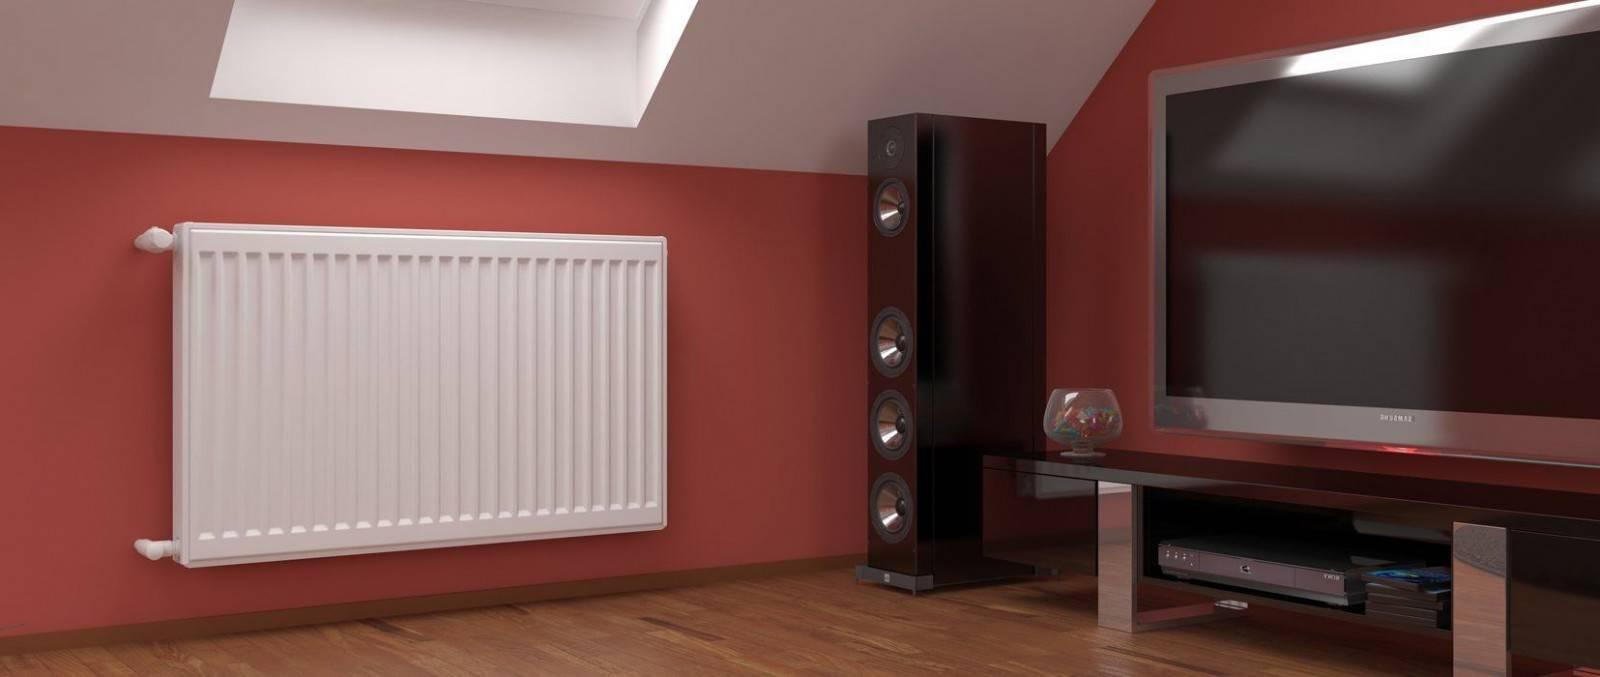 Стальные панельные радиаторы: экономно и компактно